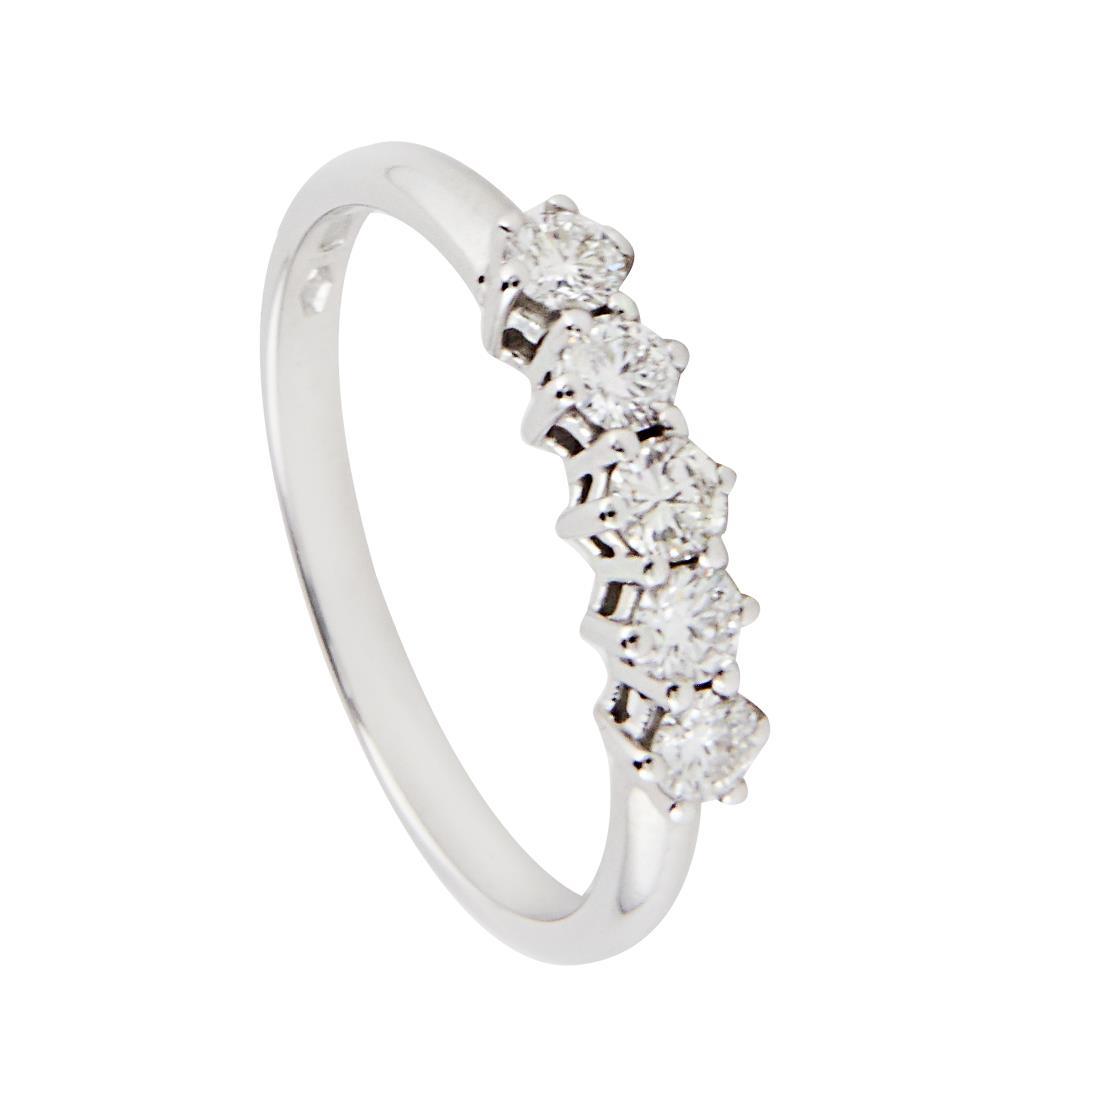 Anello veretta 5 pietre in oro bianco e diamanti ct 0.44, misura 14 - ALFIERI & ST. JOHN